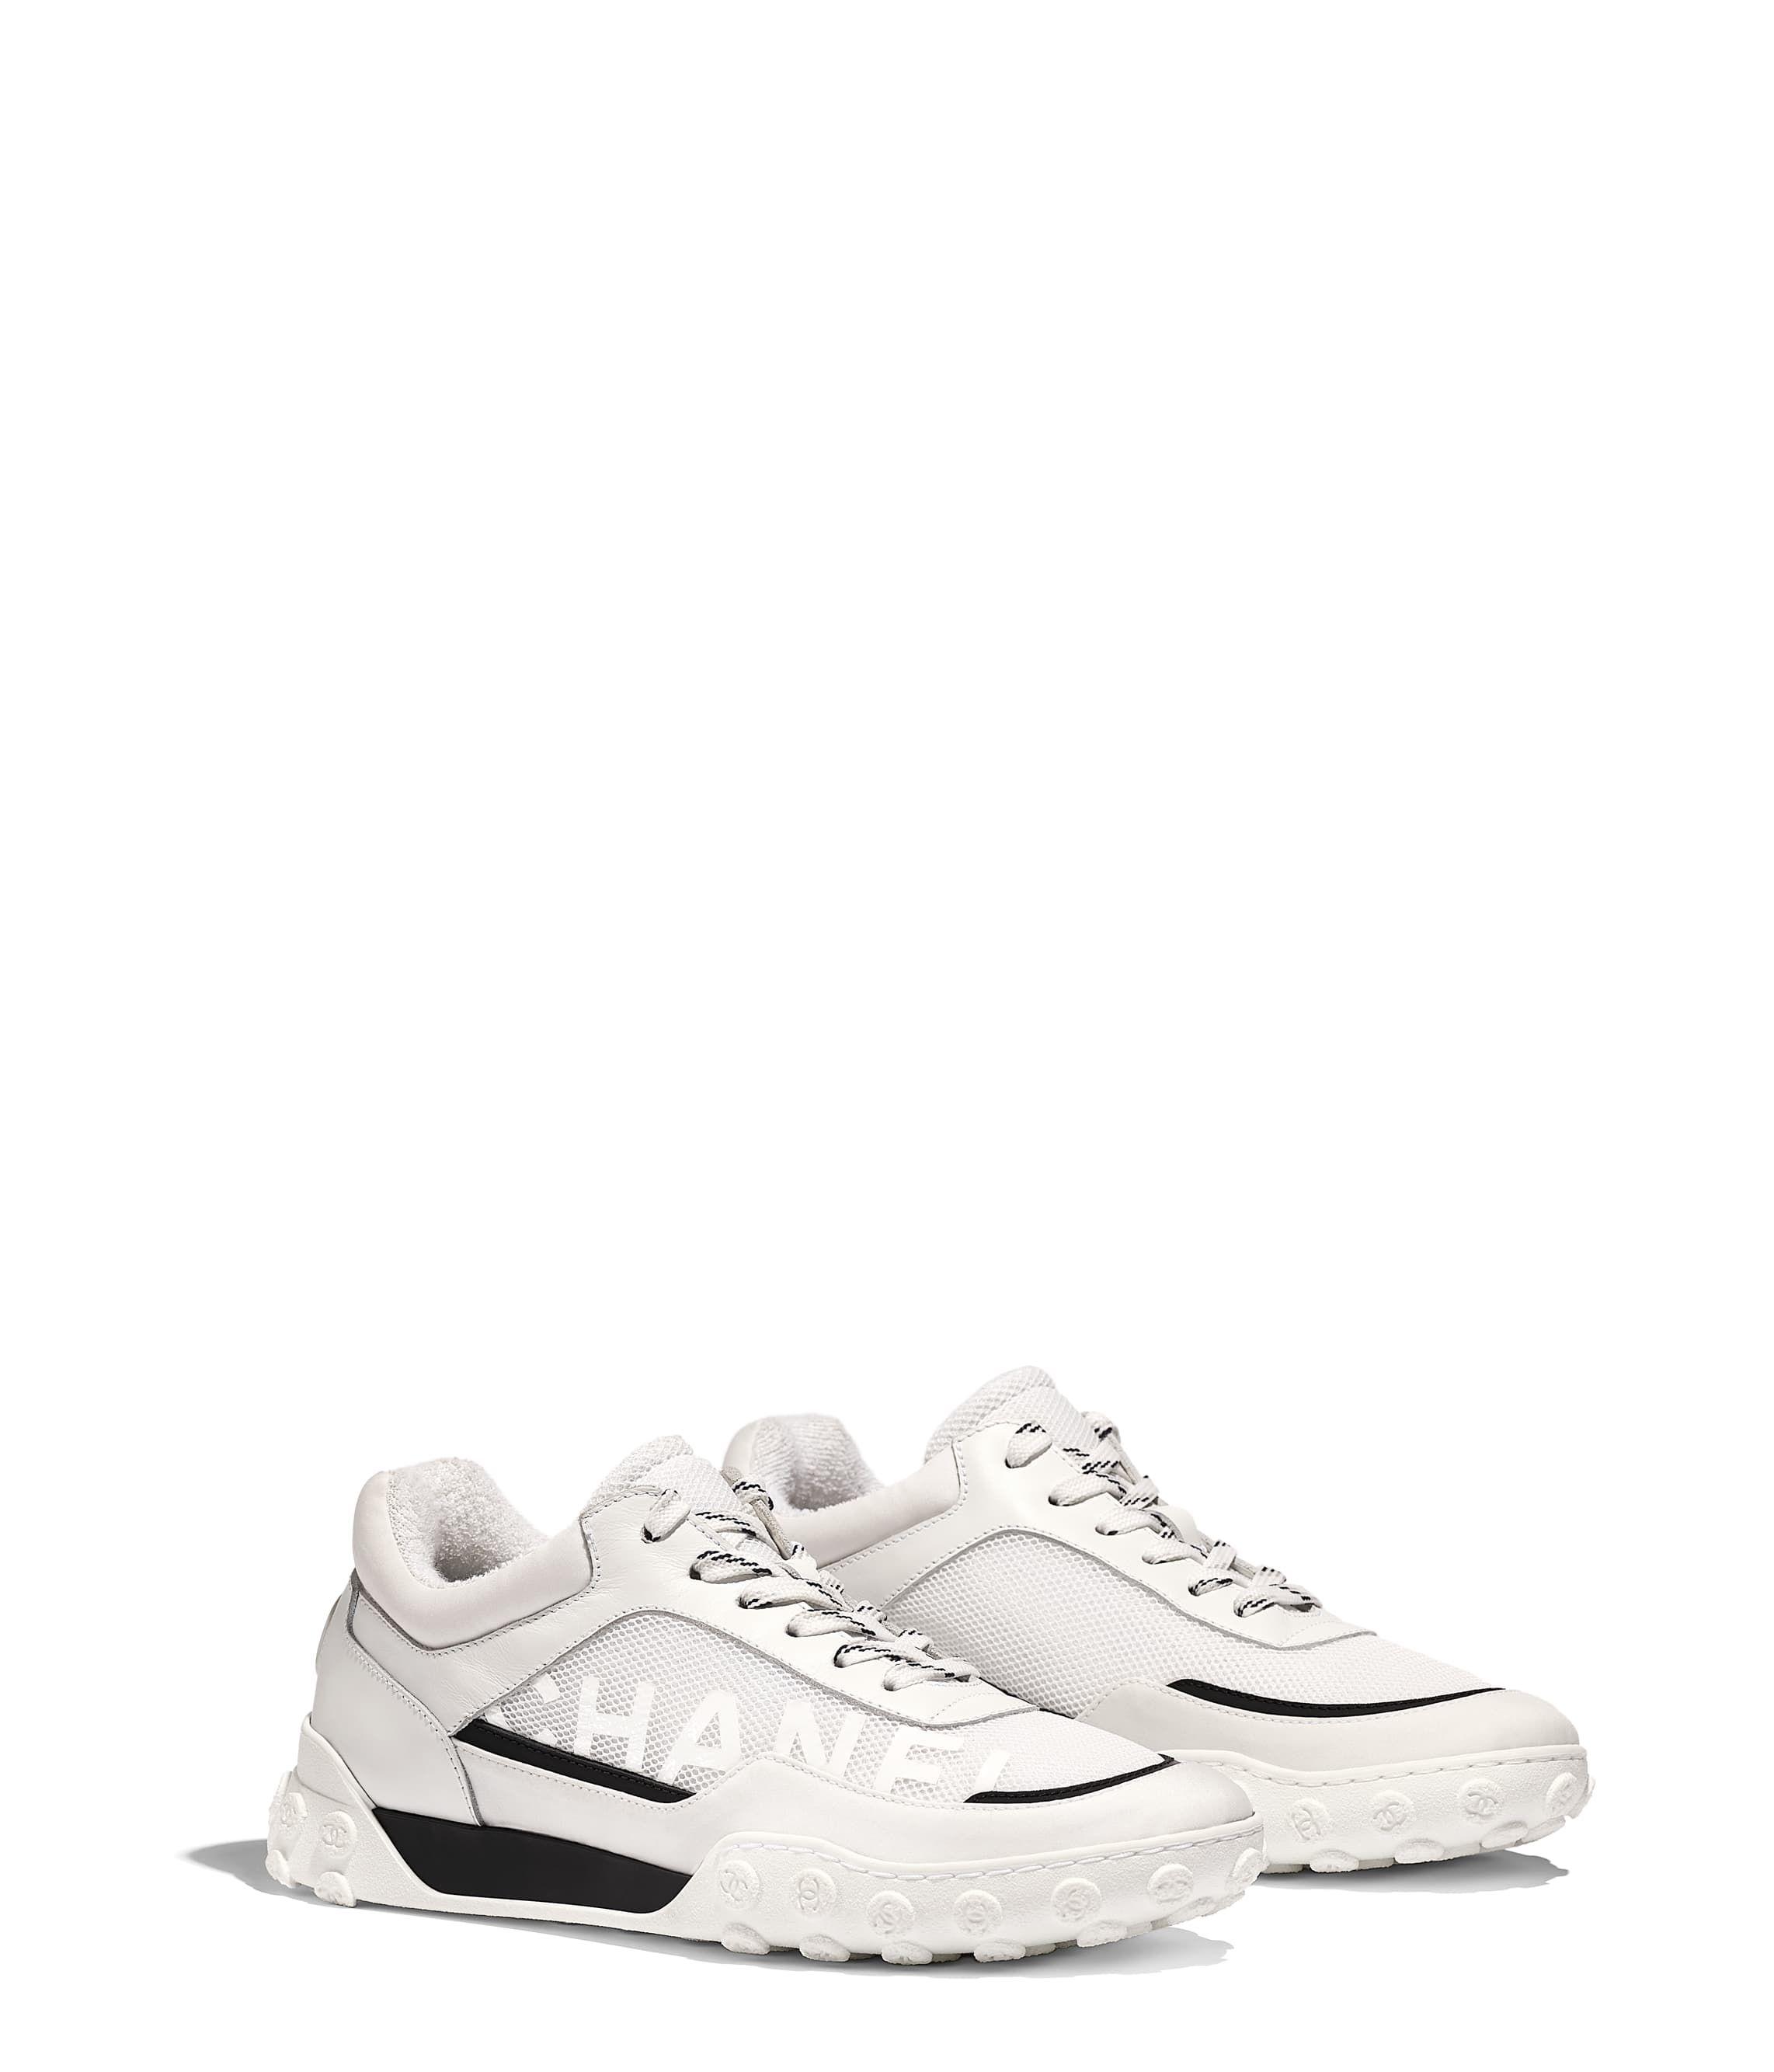 b5e198dace Sneakers, calfskin, mesh & lycra, white - CHANEL   Casual Shoes ...